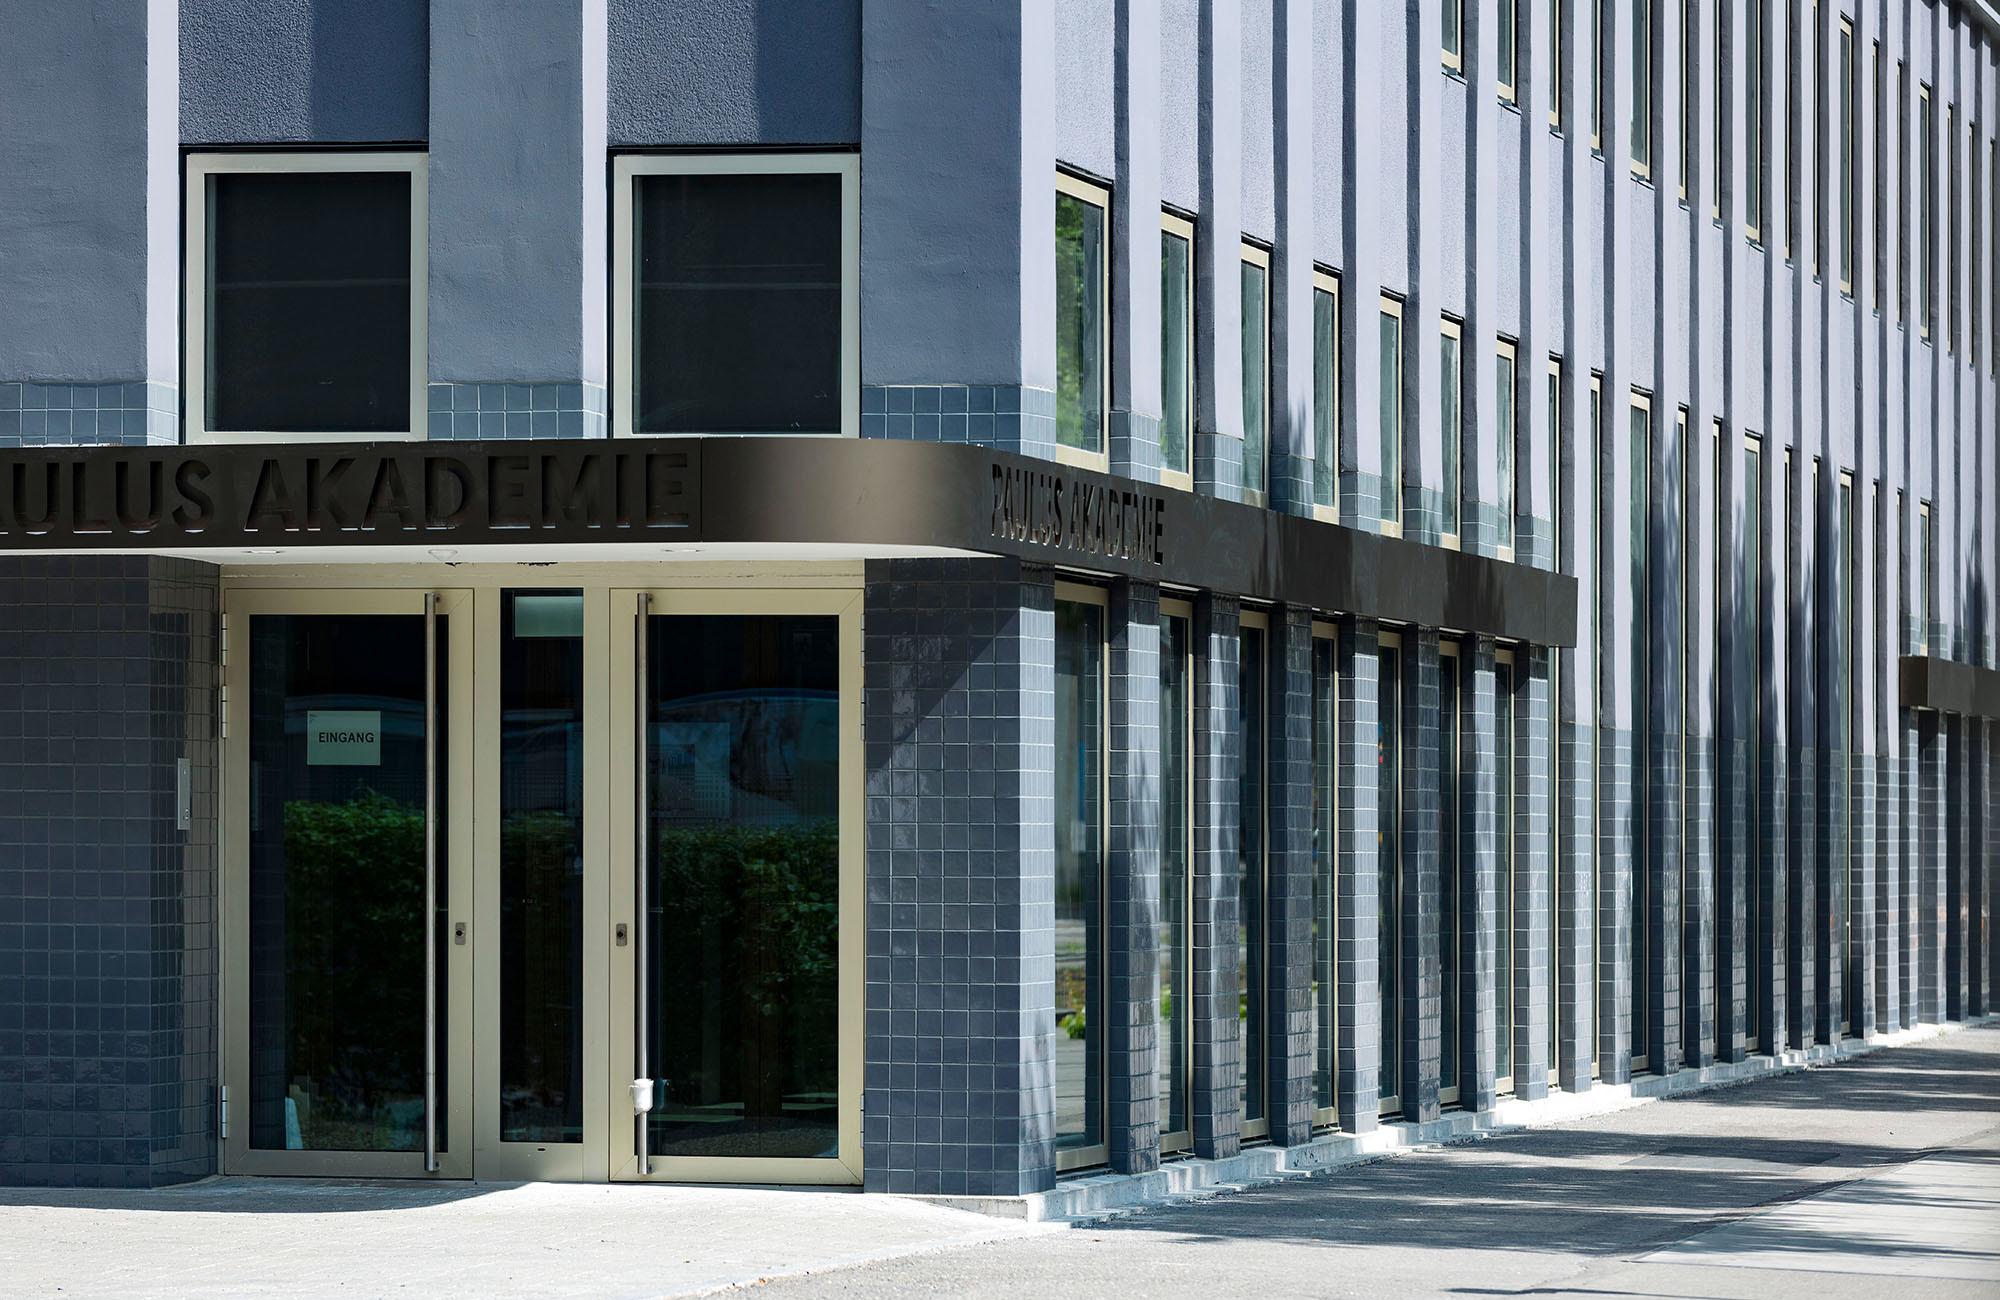 Für die Fassade der Paulus Akademie wurde eine kundenspezifische Variante unserer Kollektionsfliese PLÄTTLI entwickelt. Das Maß ist etwas kleiner und dünner, die Glasur wurde an die bestehende grau-blaue Front angepasst. © Nikolaus Spoerri